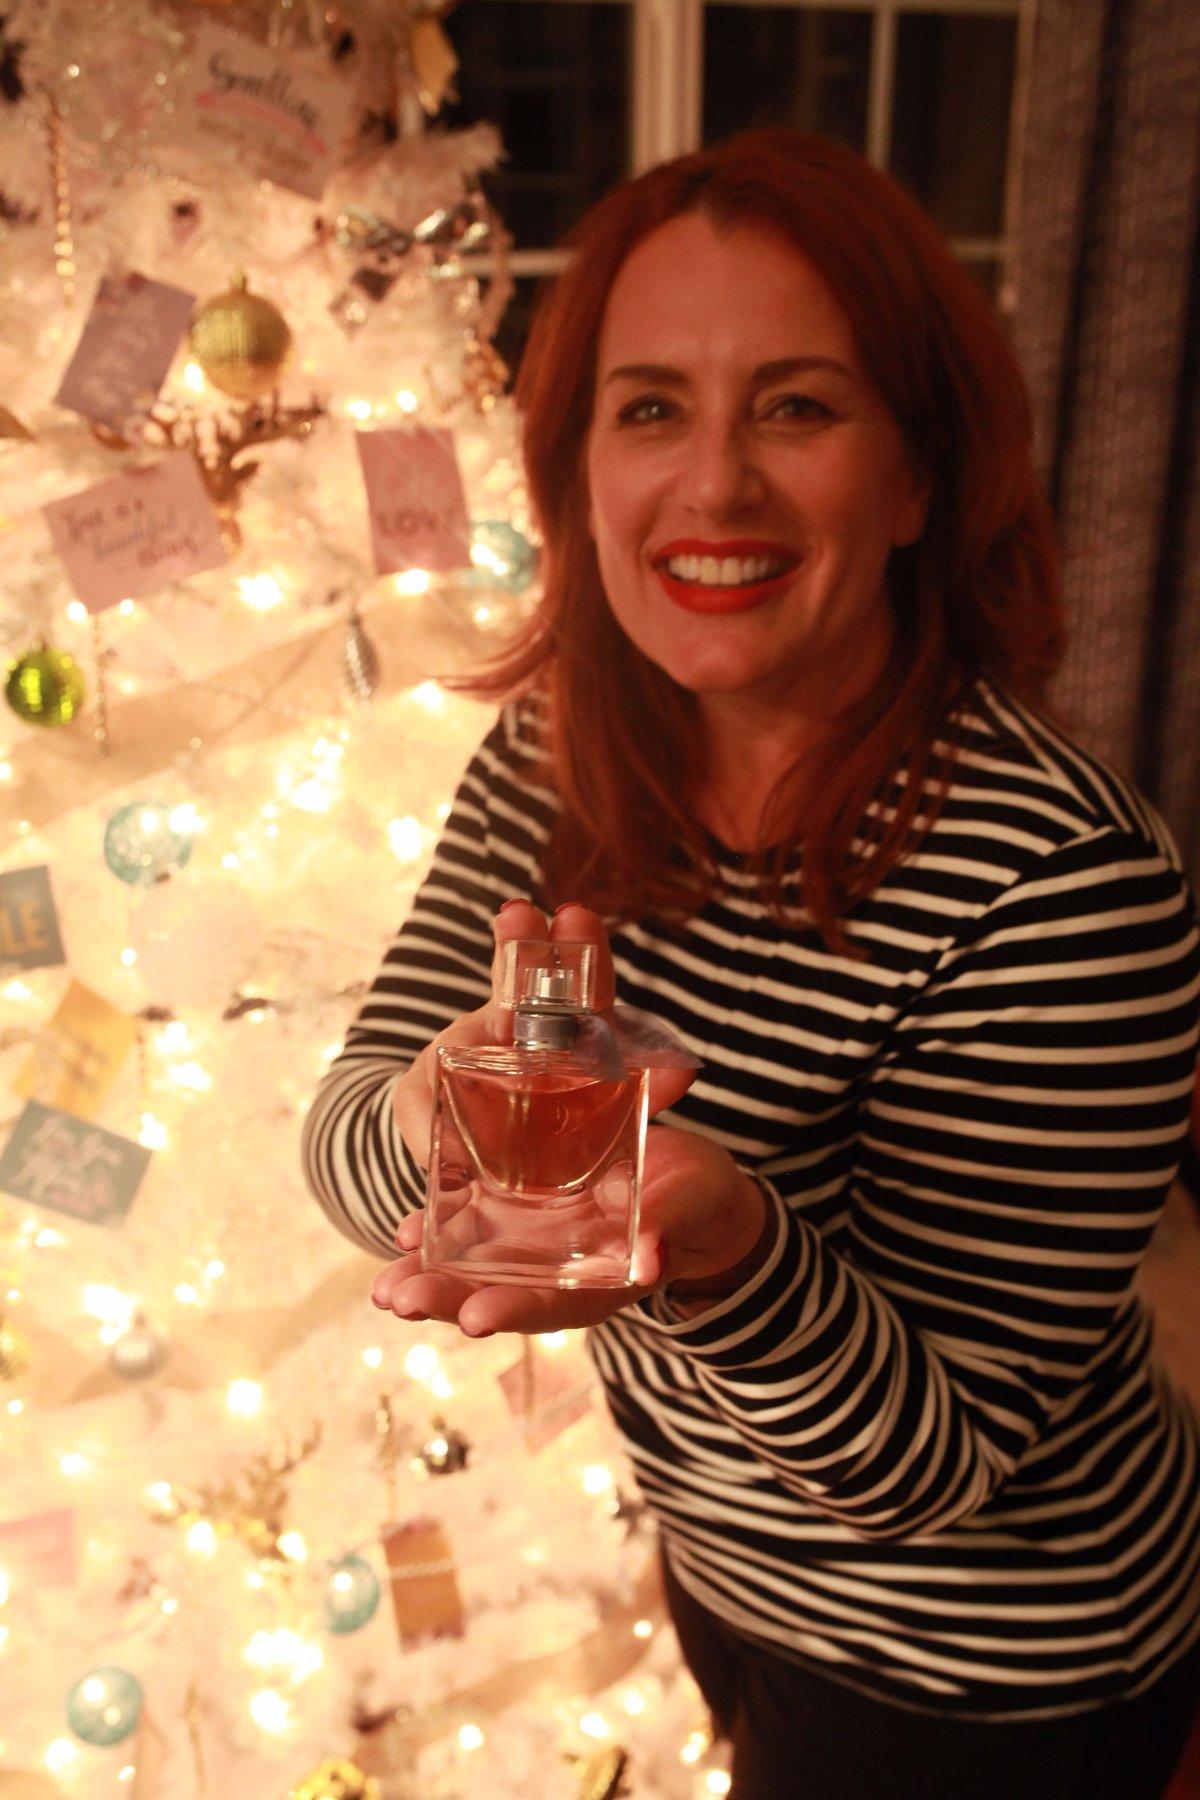 Lancome's iconic fragrances, La Vie Est Belle